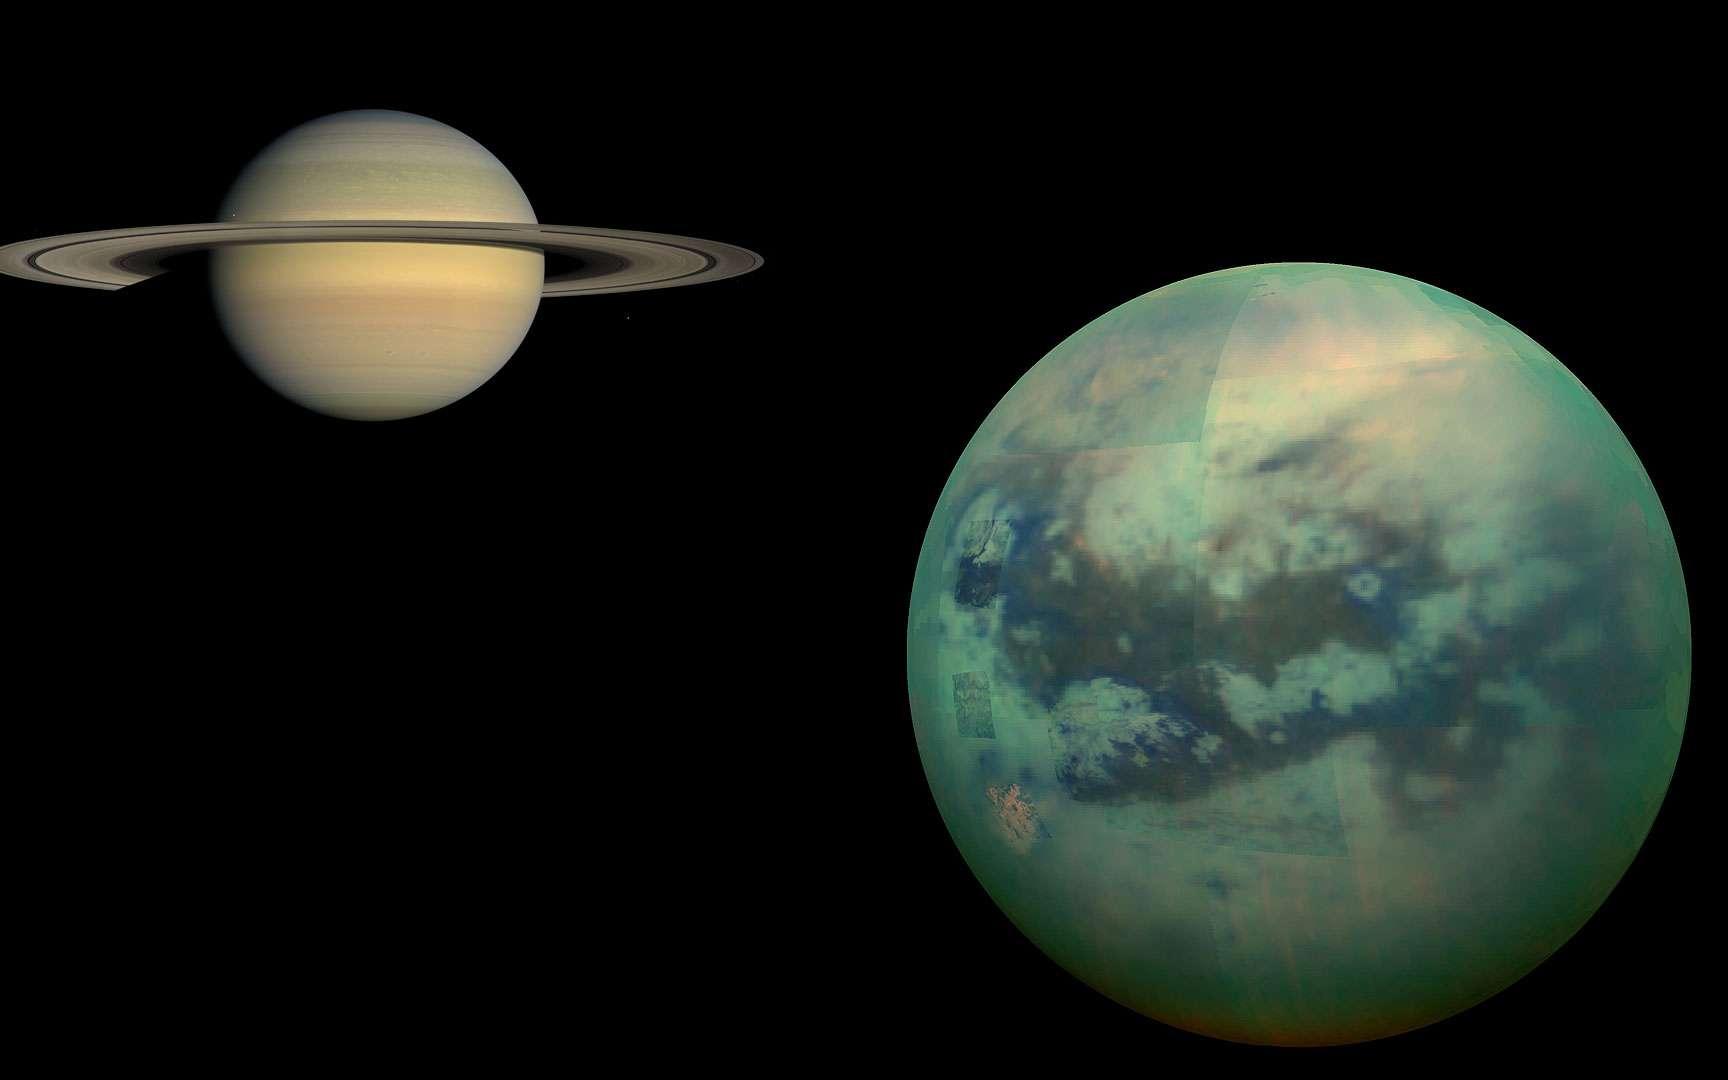 Titan (5.151 km de diamètre) est le plus grand satellite de Saturne. On voit ici une image recomposée de la surface de Titan en infrarouge à travers son atmosphère vue par la sonde Cassini. © Nasa, JPL, University of Arizona, University of Idaho